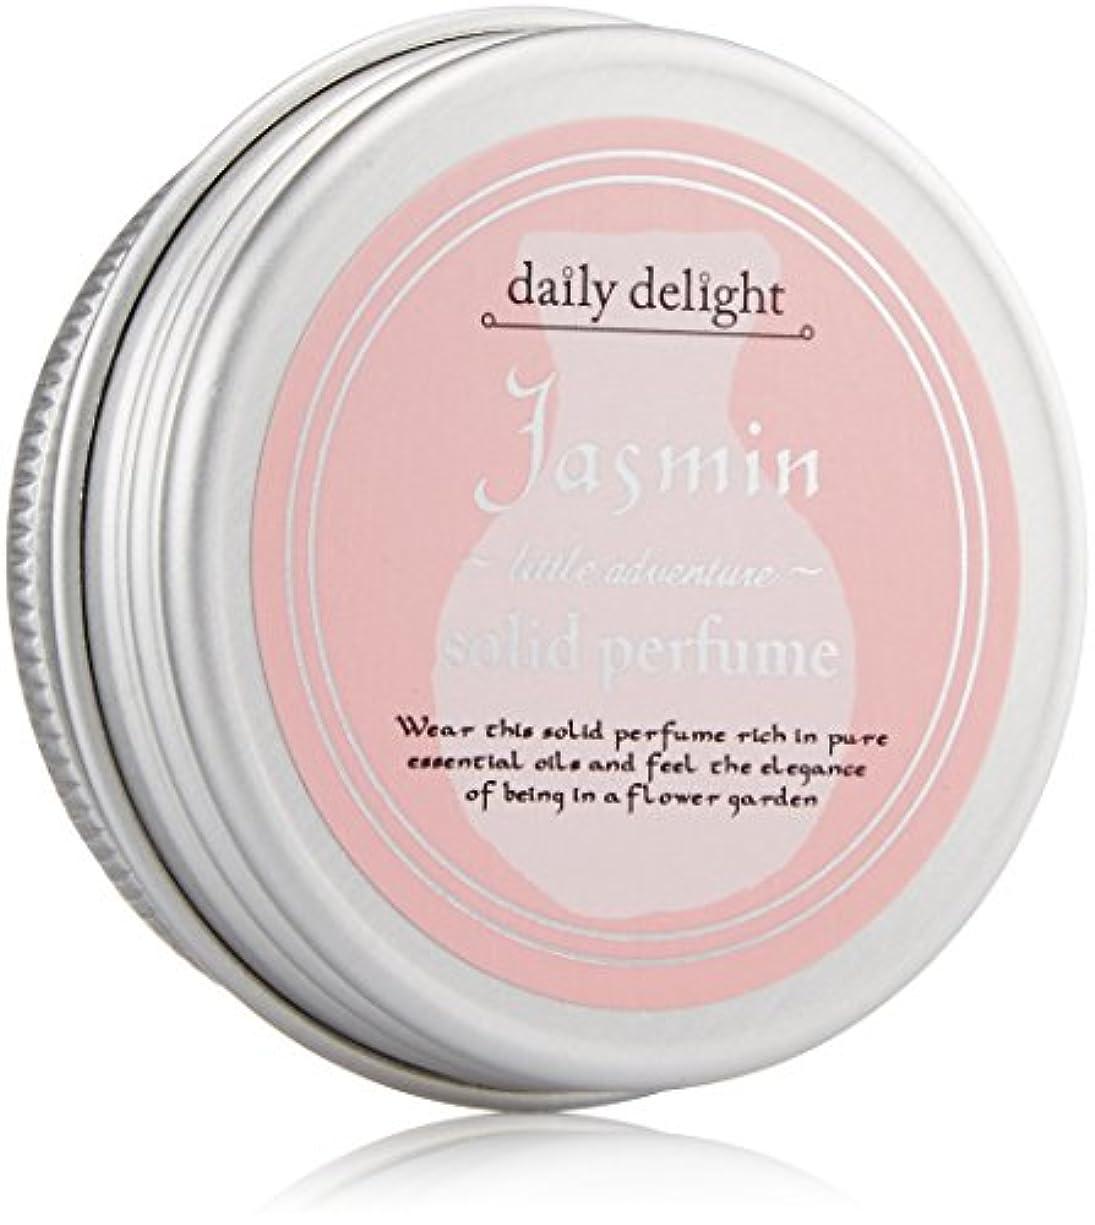 葉フォアタイプ蜜デイリーディライト 練り香水 ジャスミン  10g(香水 携帯用 ソリッドパフューム アルコールフリー 奥深く魅了されるジャスミンの香り)